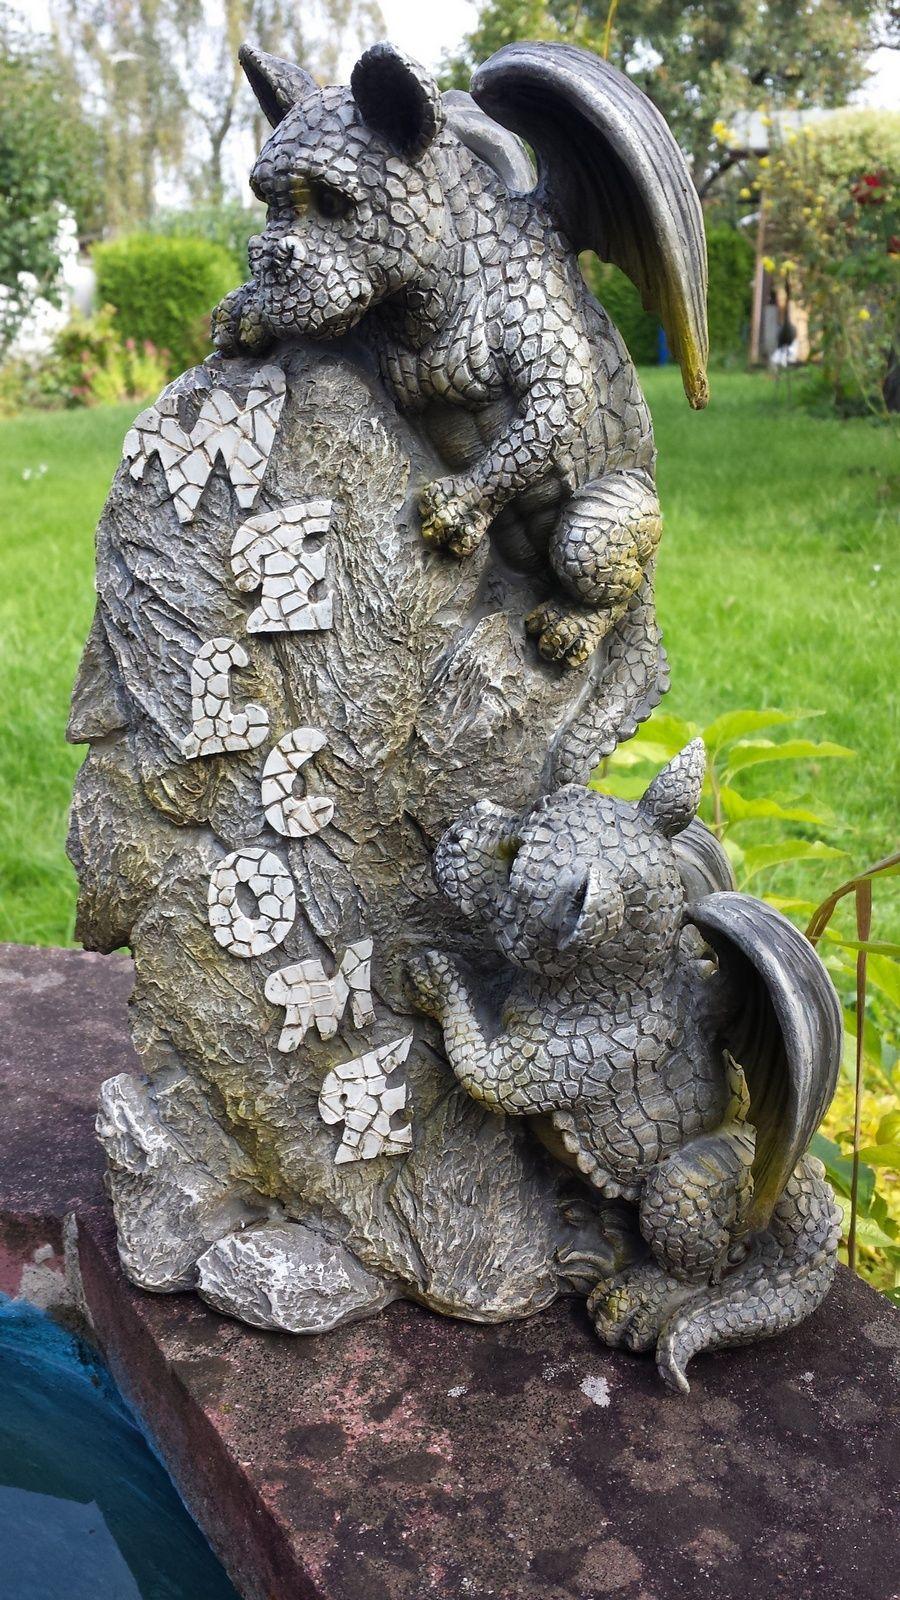 Gartendrachen Zwei Drachen Kinder Mit Welcome Stein Dragon Garden Dragon Decor Garden Statues